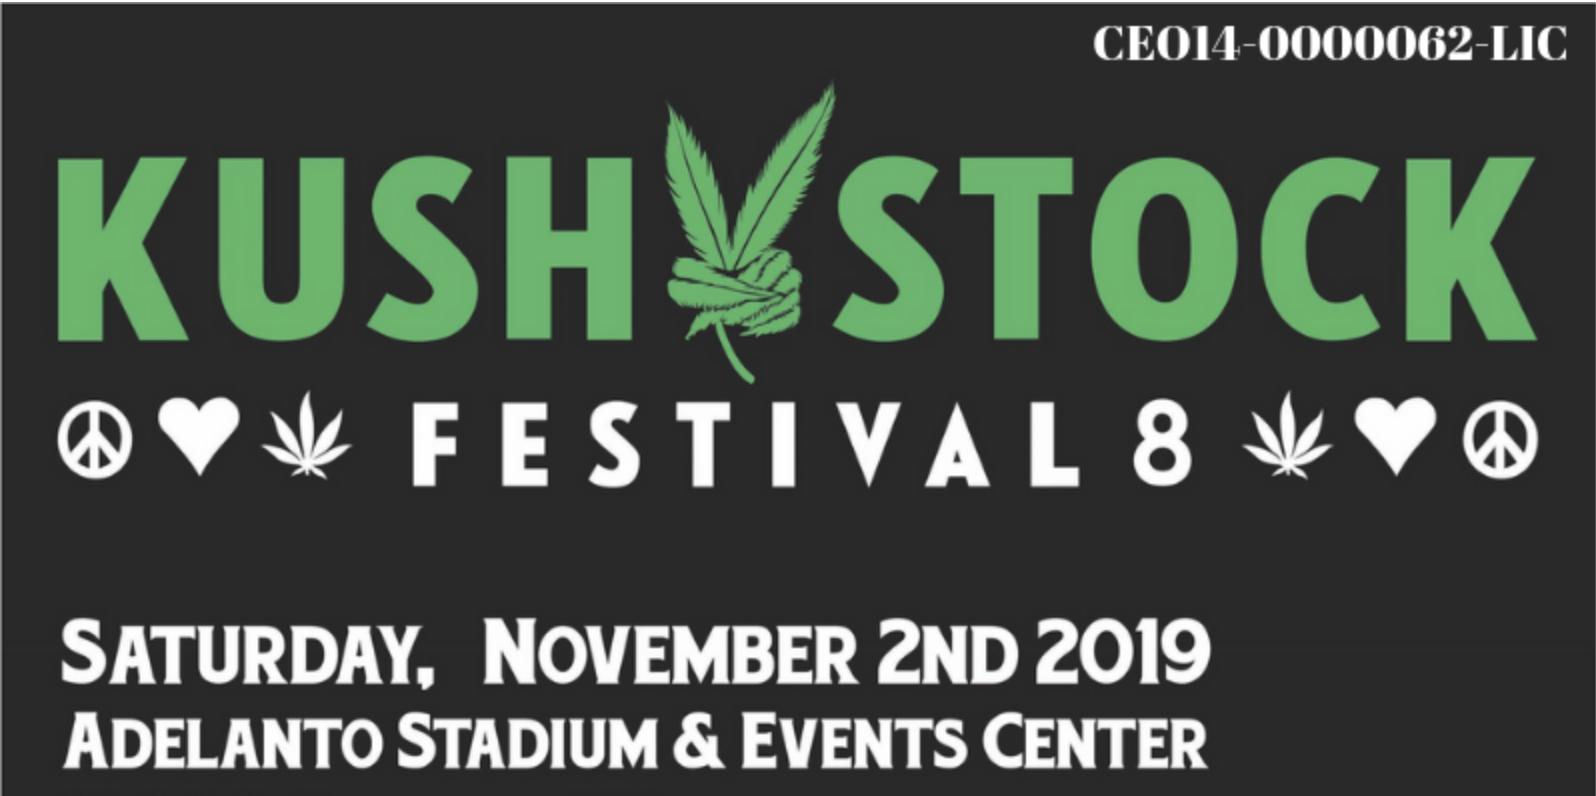 Kushstock Festival 8 (sponsorship)